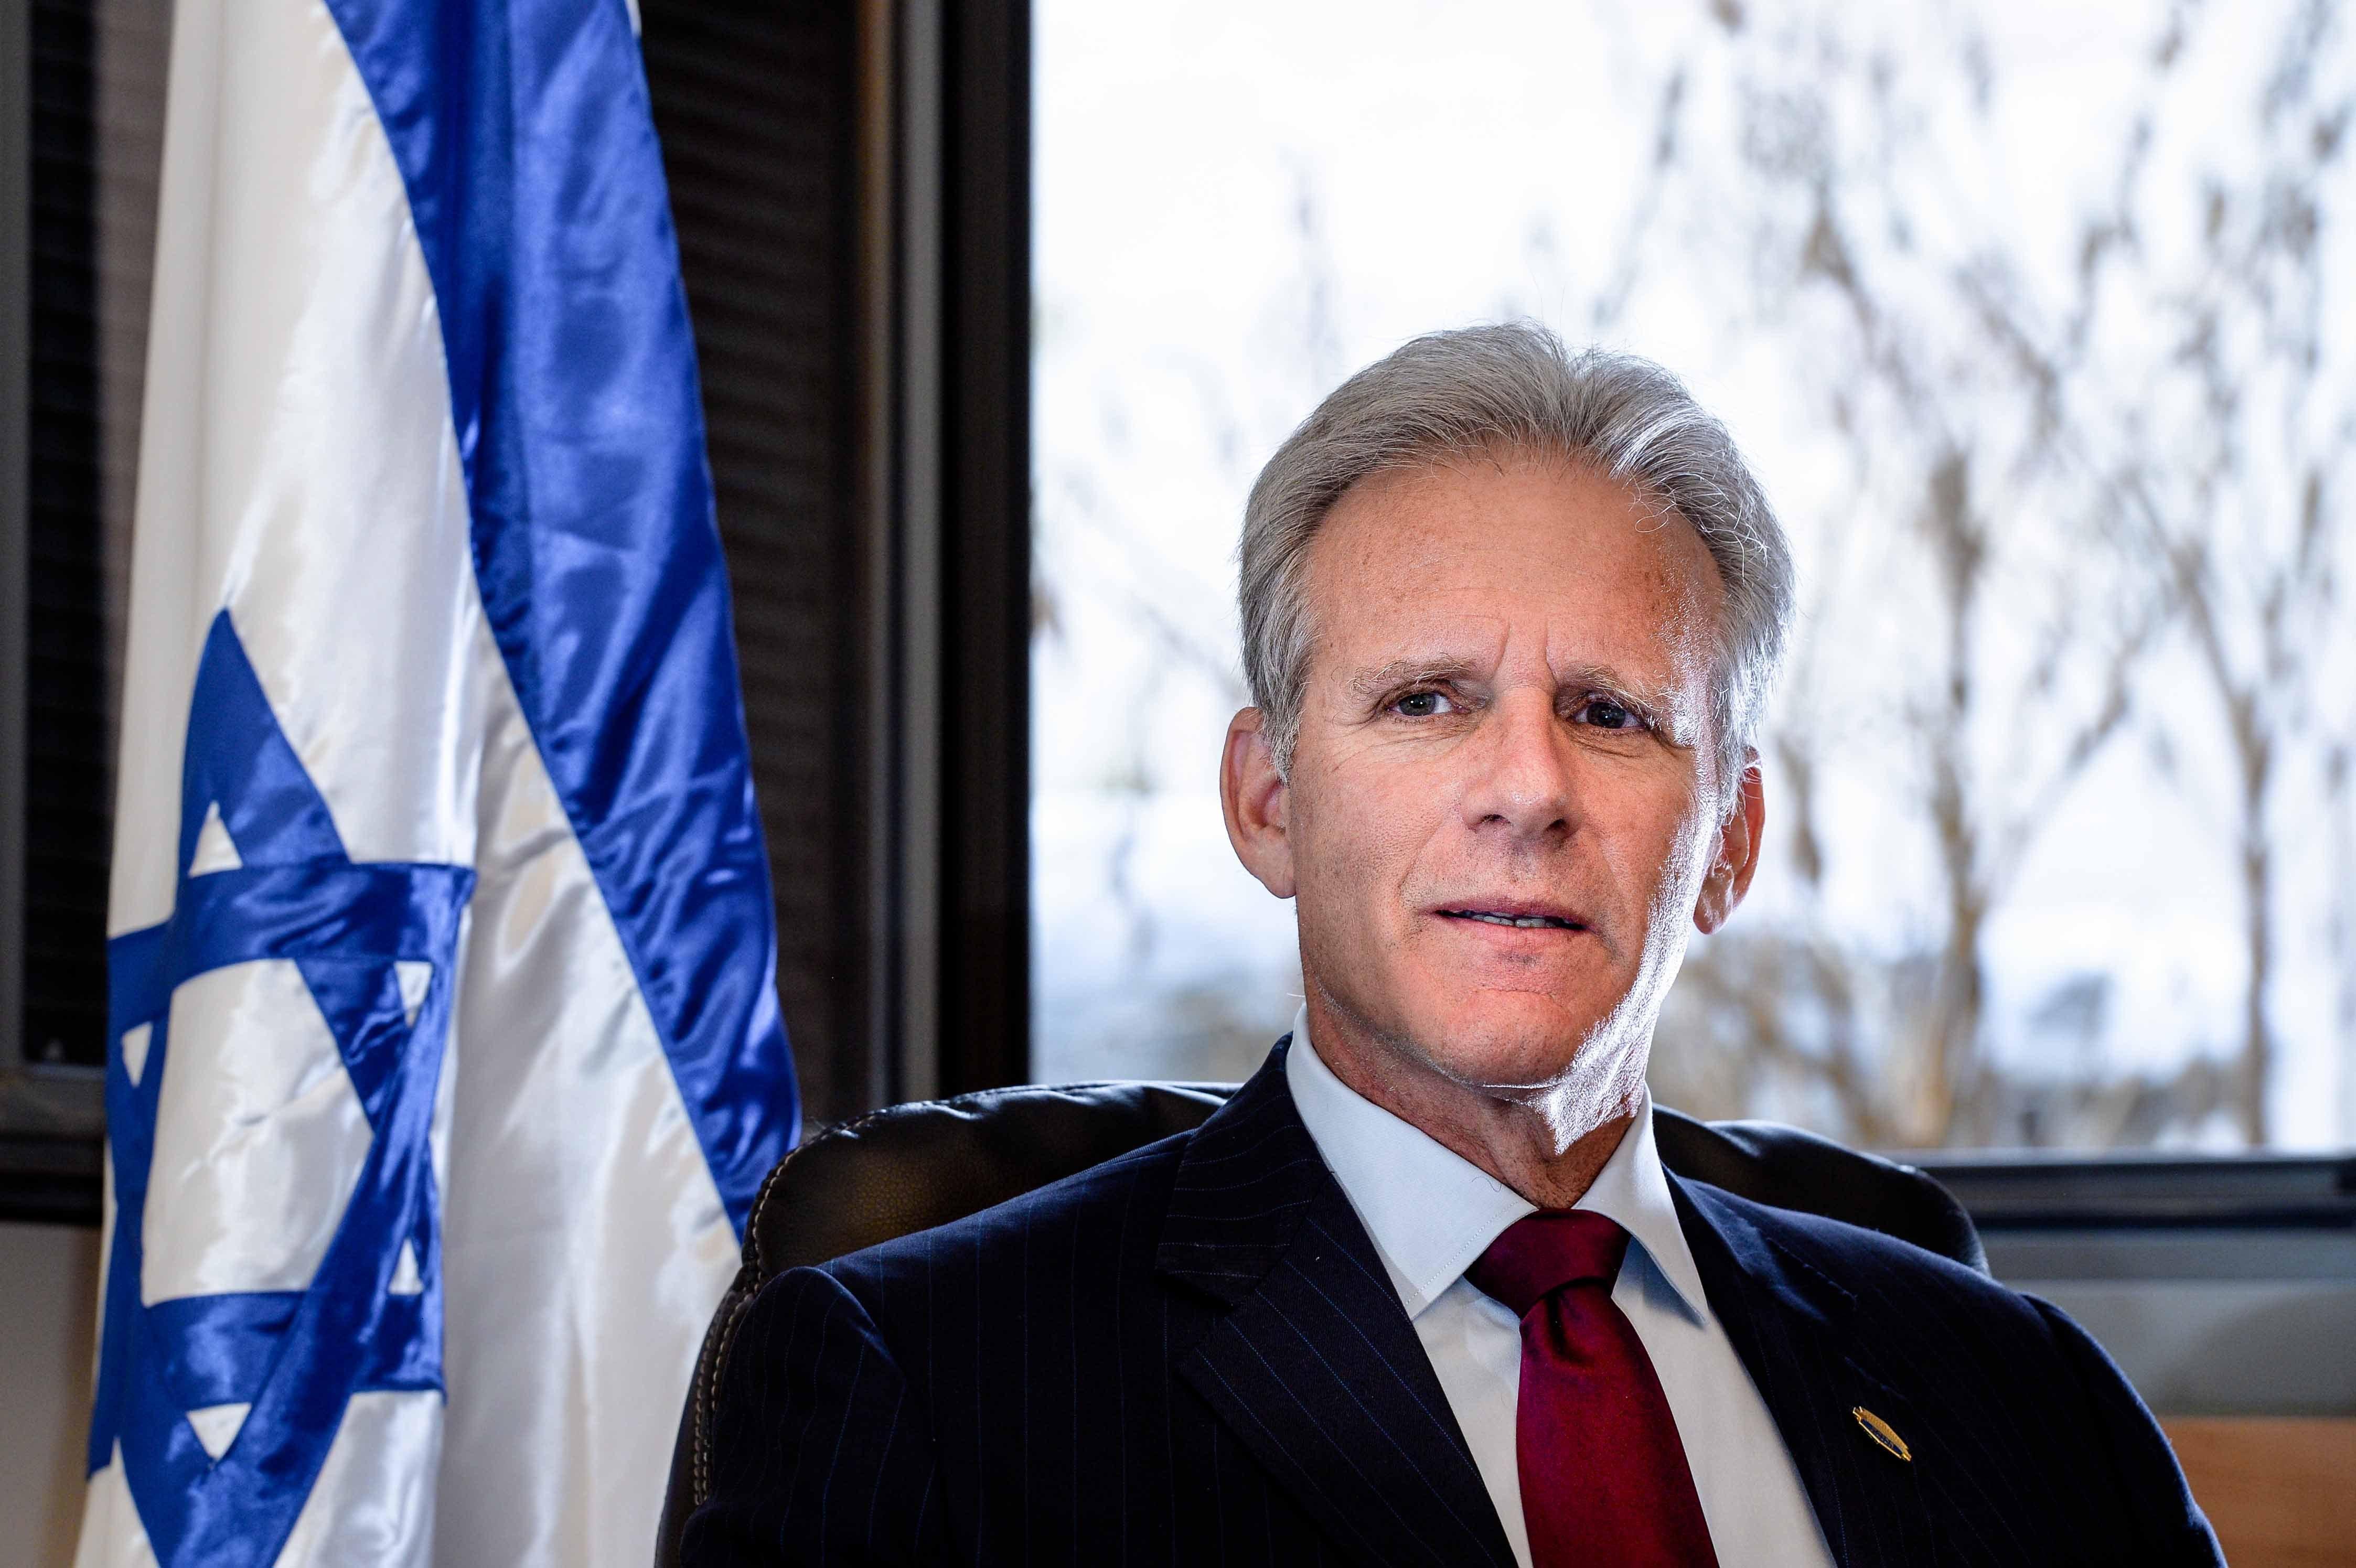 بازی اعراب و اسرائیل برای نابودی برجام: ایران و آمریکا اتحاد مخفی دارند!